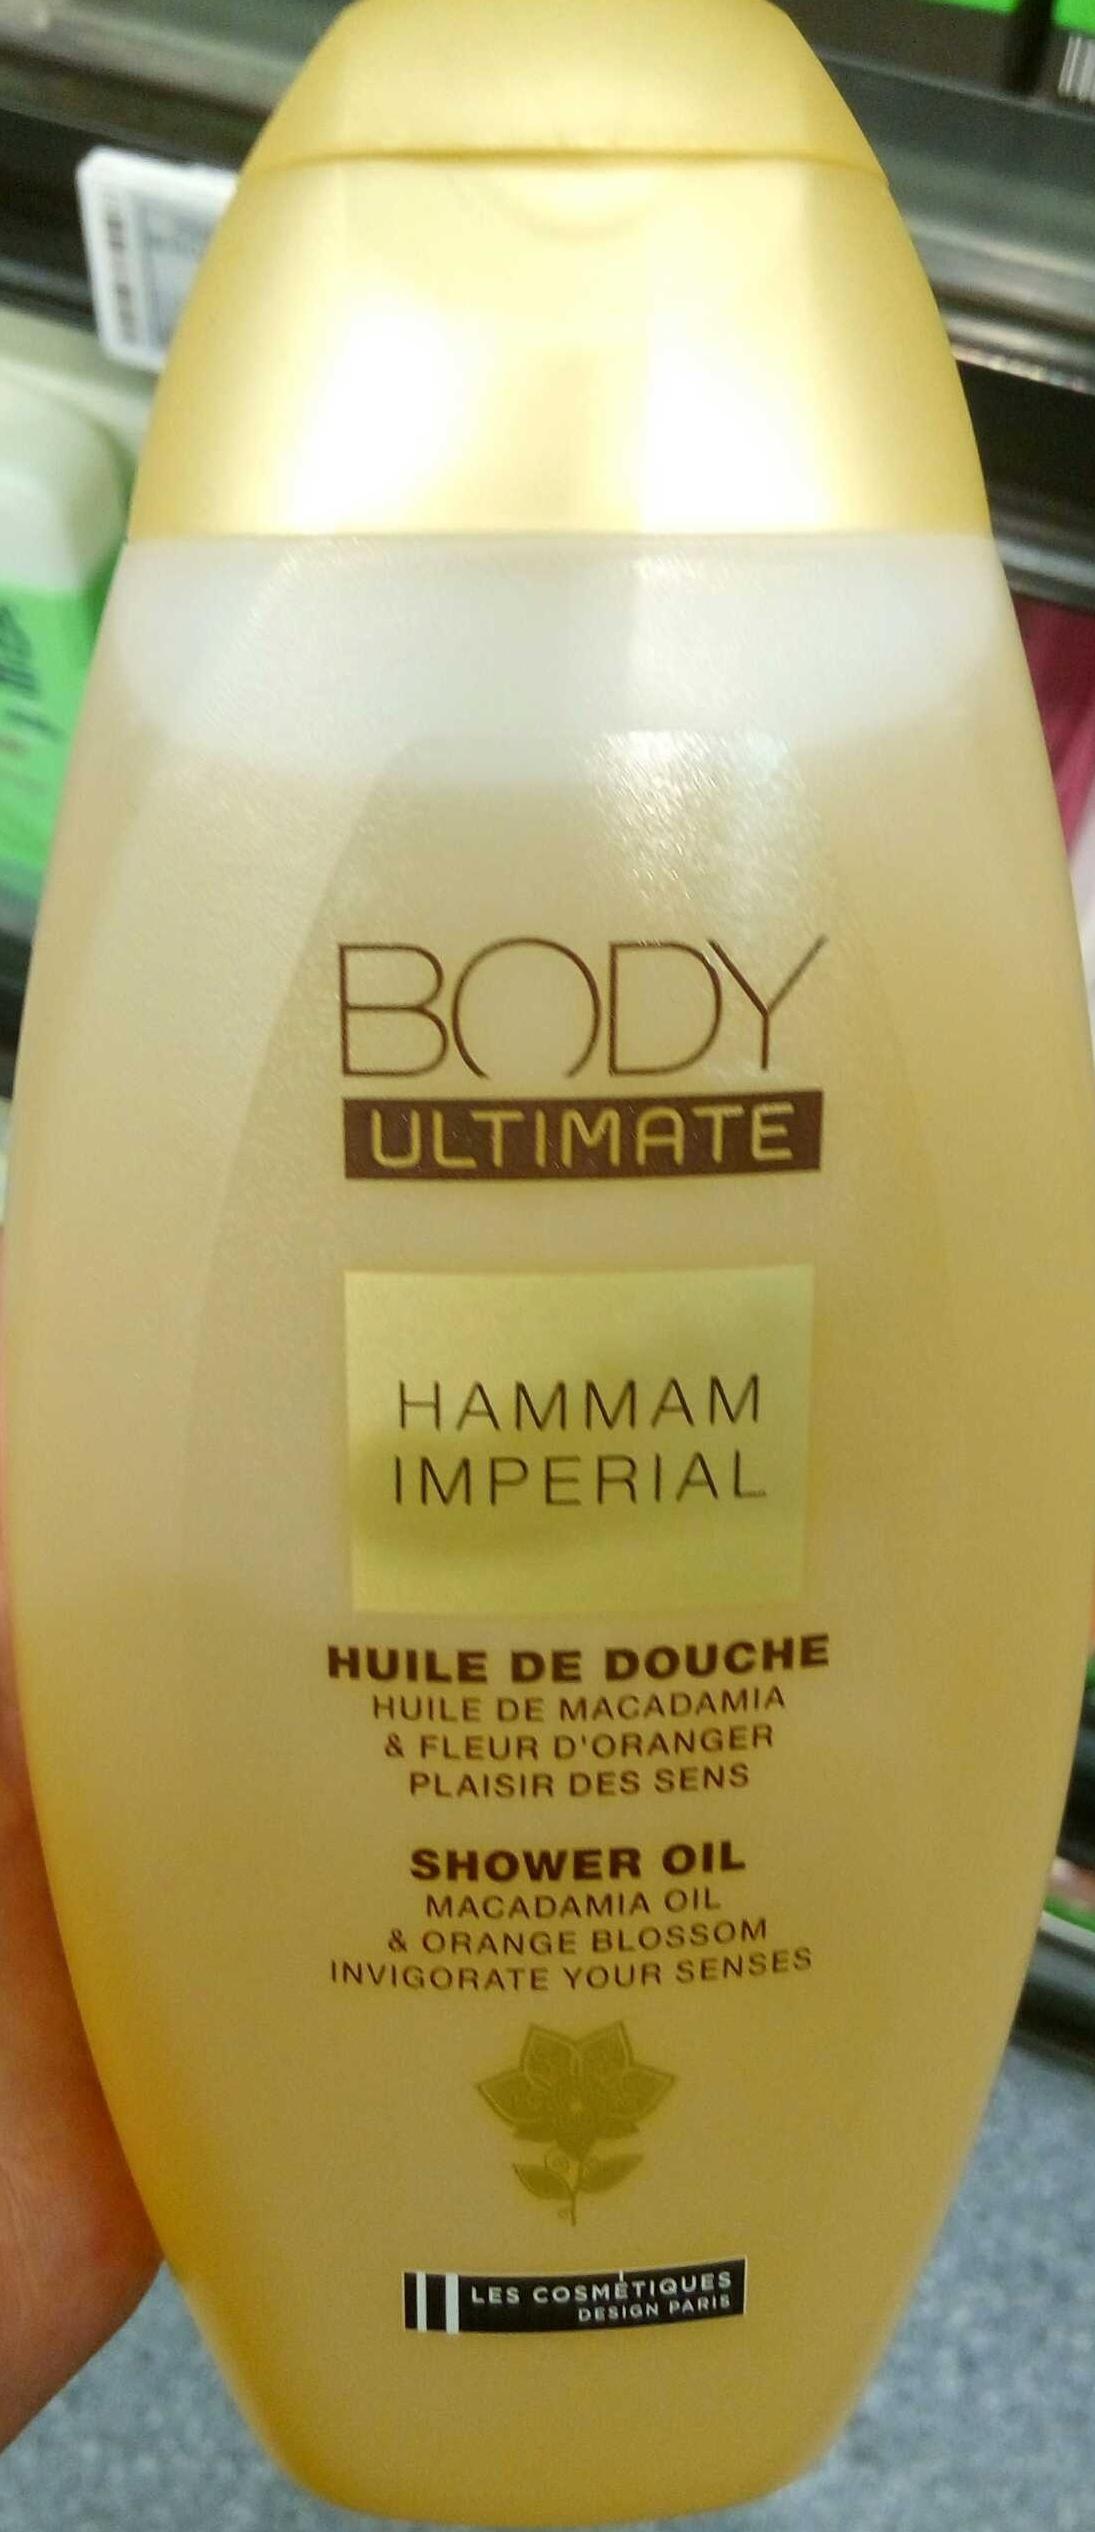 Hammam Impérial Huile de douche - Produit